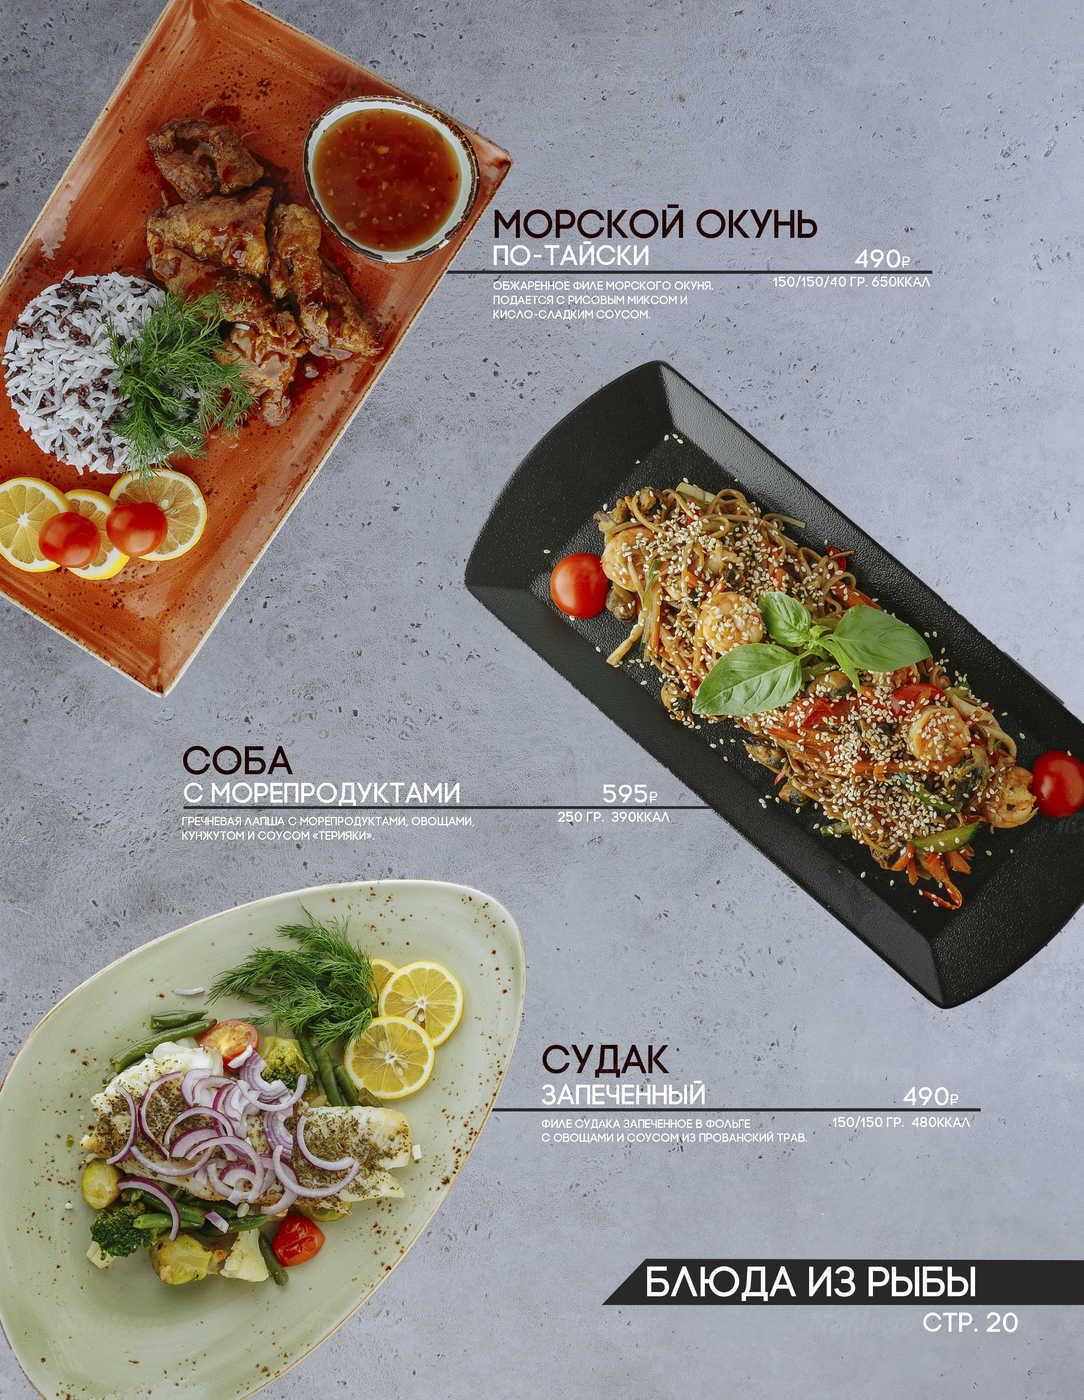 Меню ресторана Эмираты на проспекте Стачек фото 16